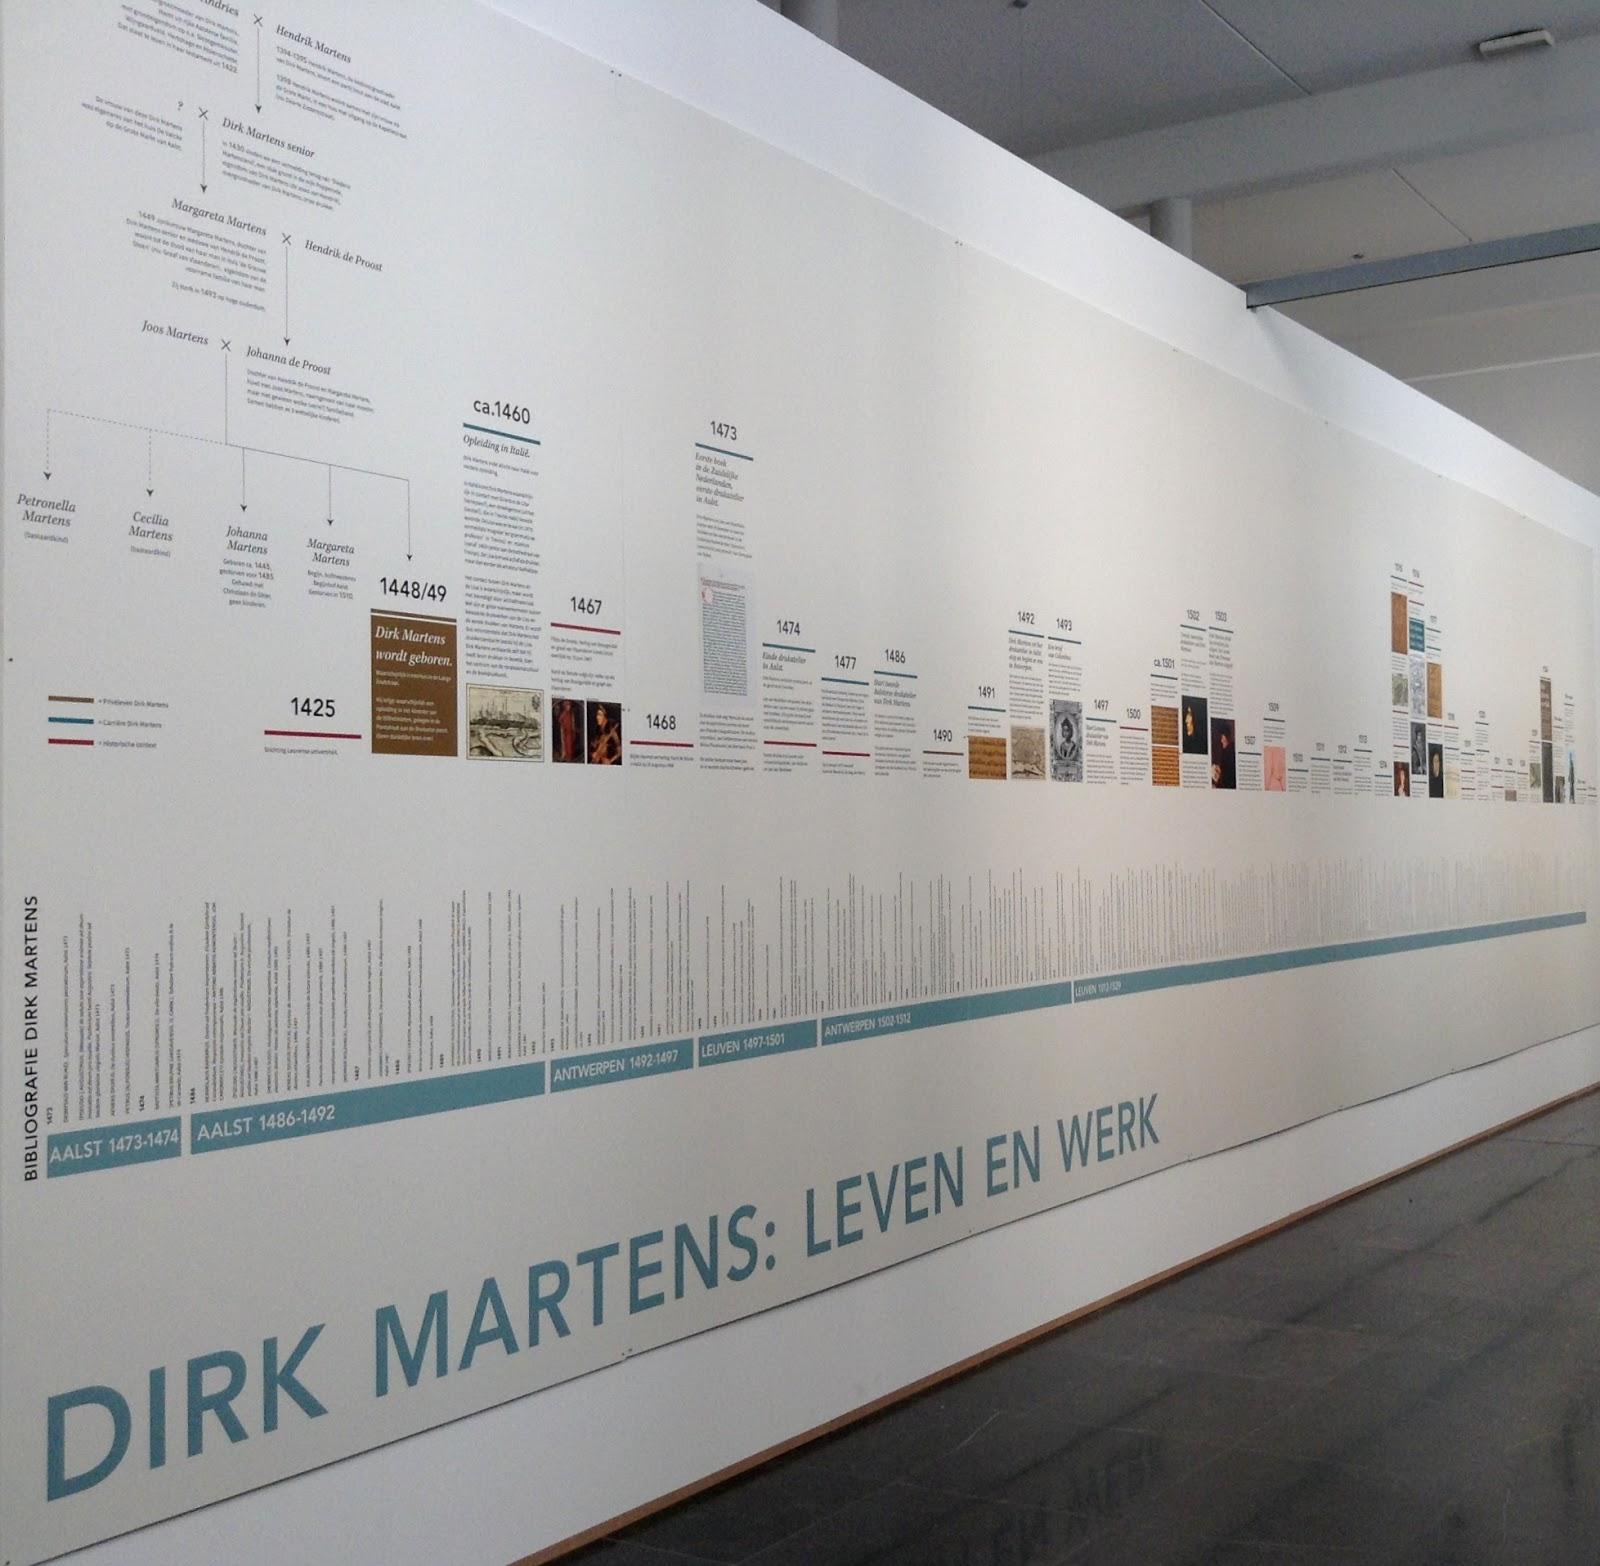 ... : UTOPIA & ANDERE UTOPIEËN in 't Gasthuys - Stedelijk Museum Aalst